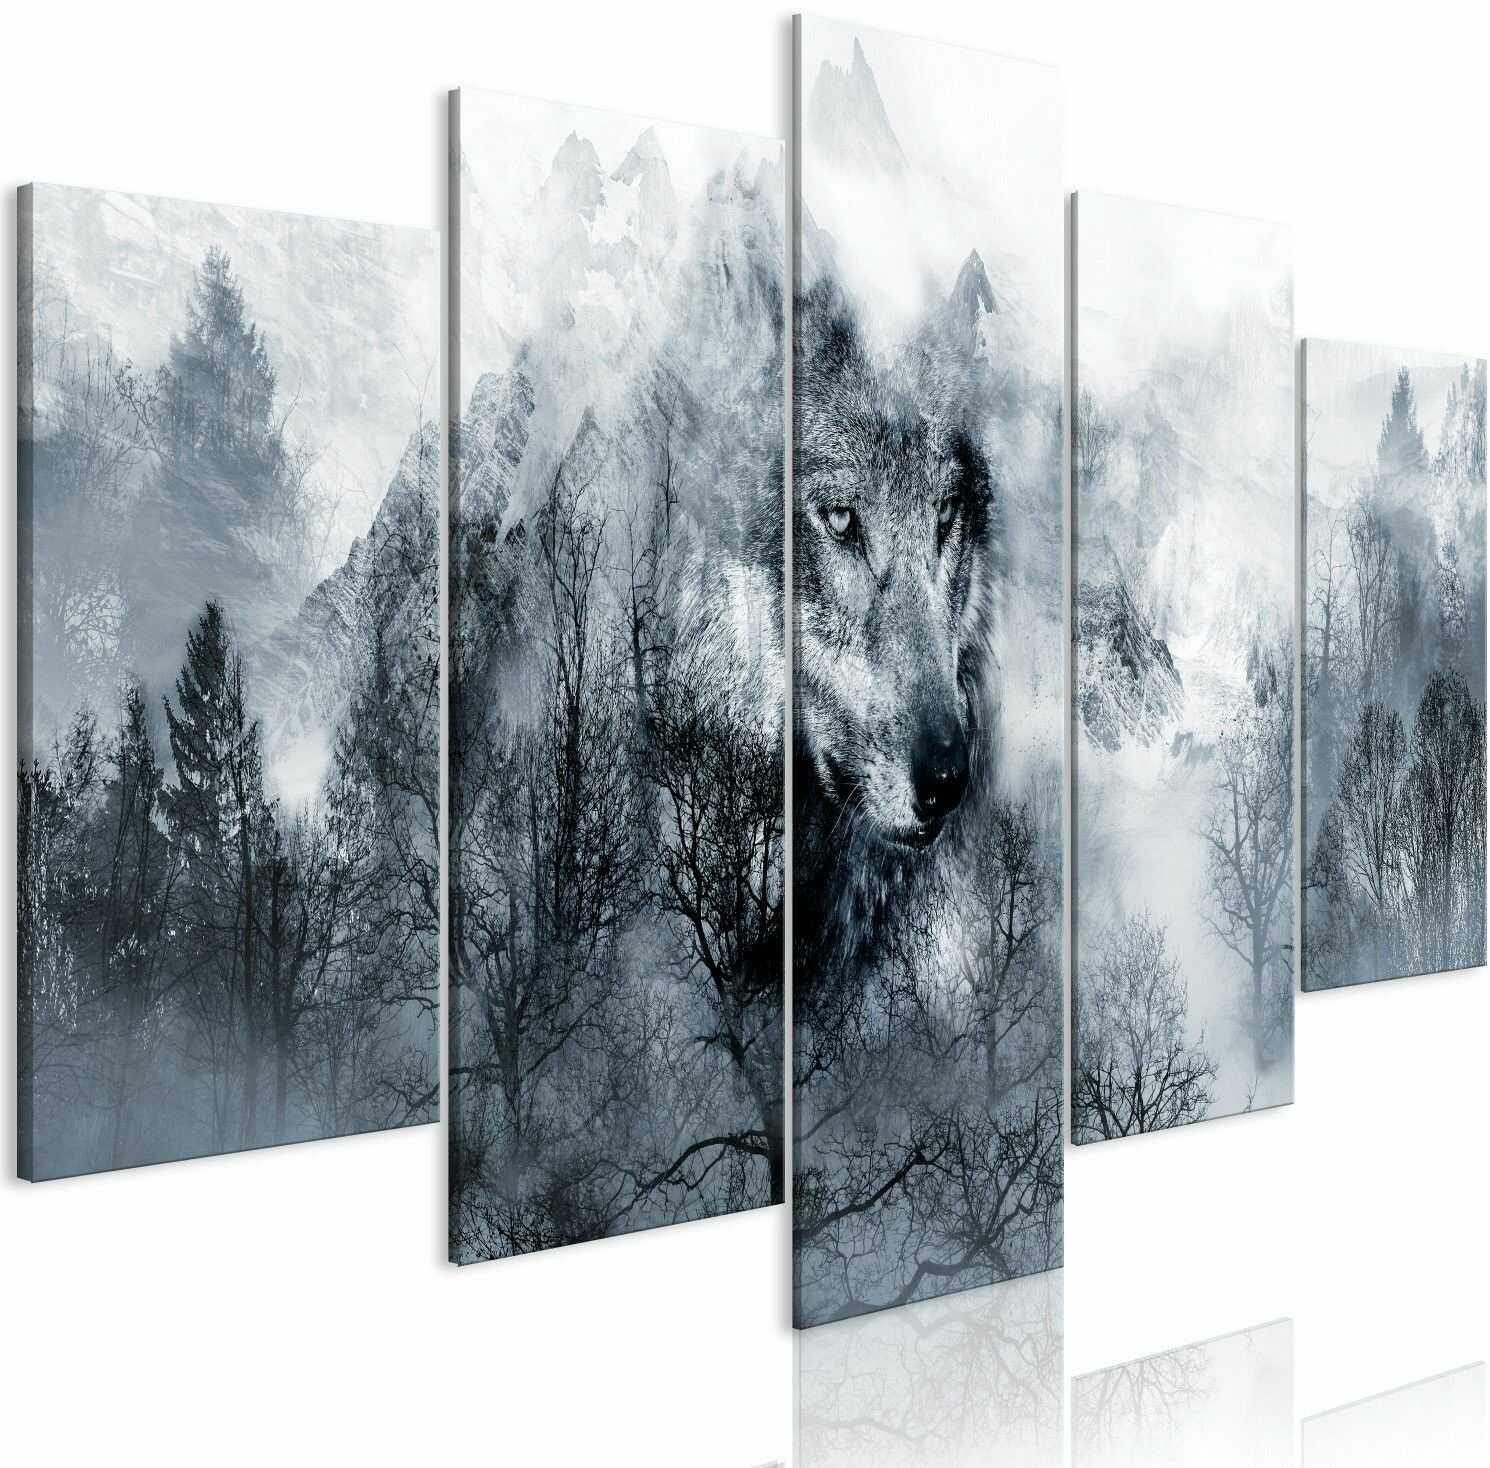 Obraz - drapieżnik z gór (5-częściowy) szeroki